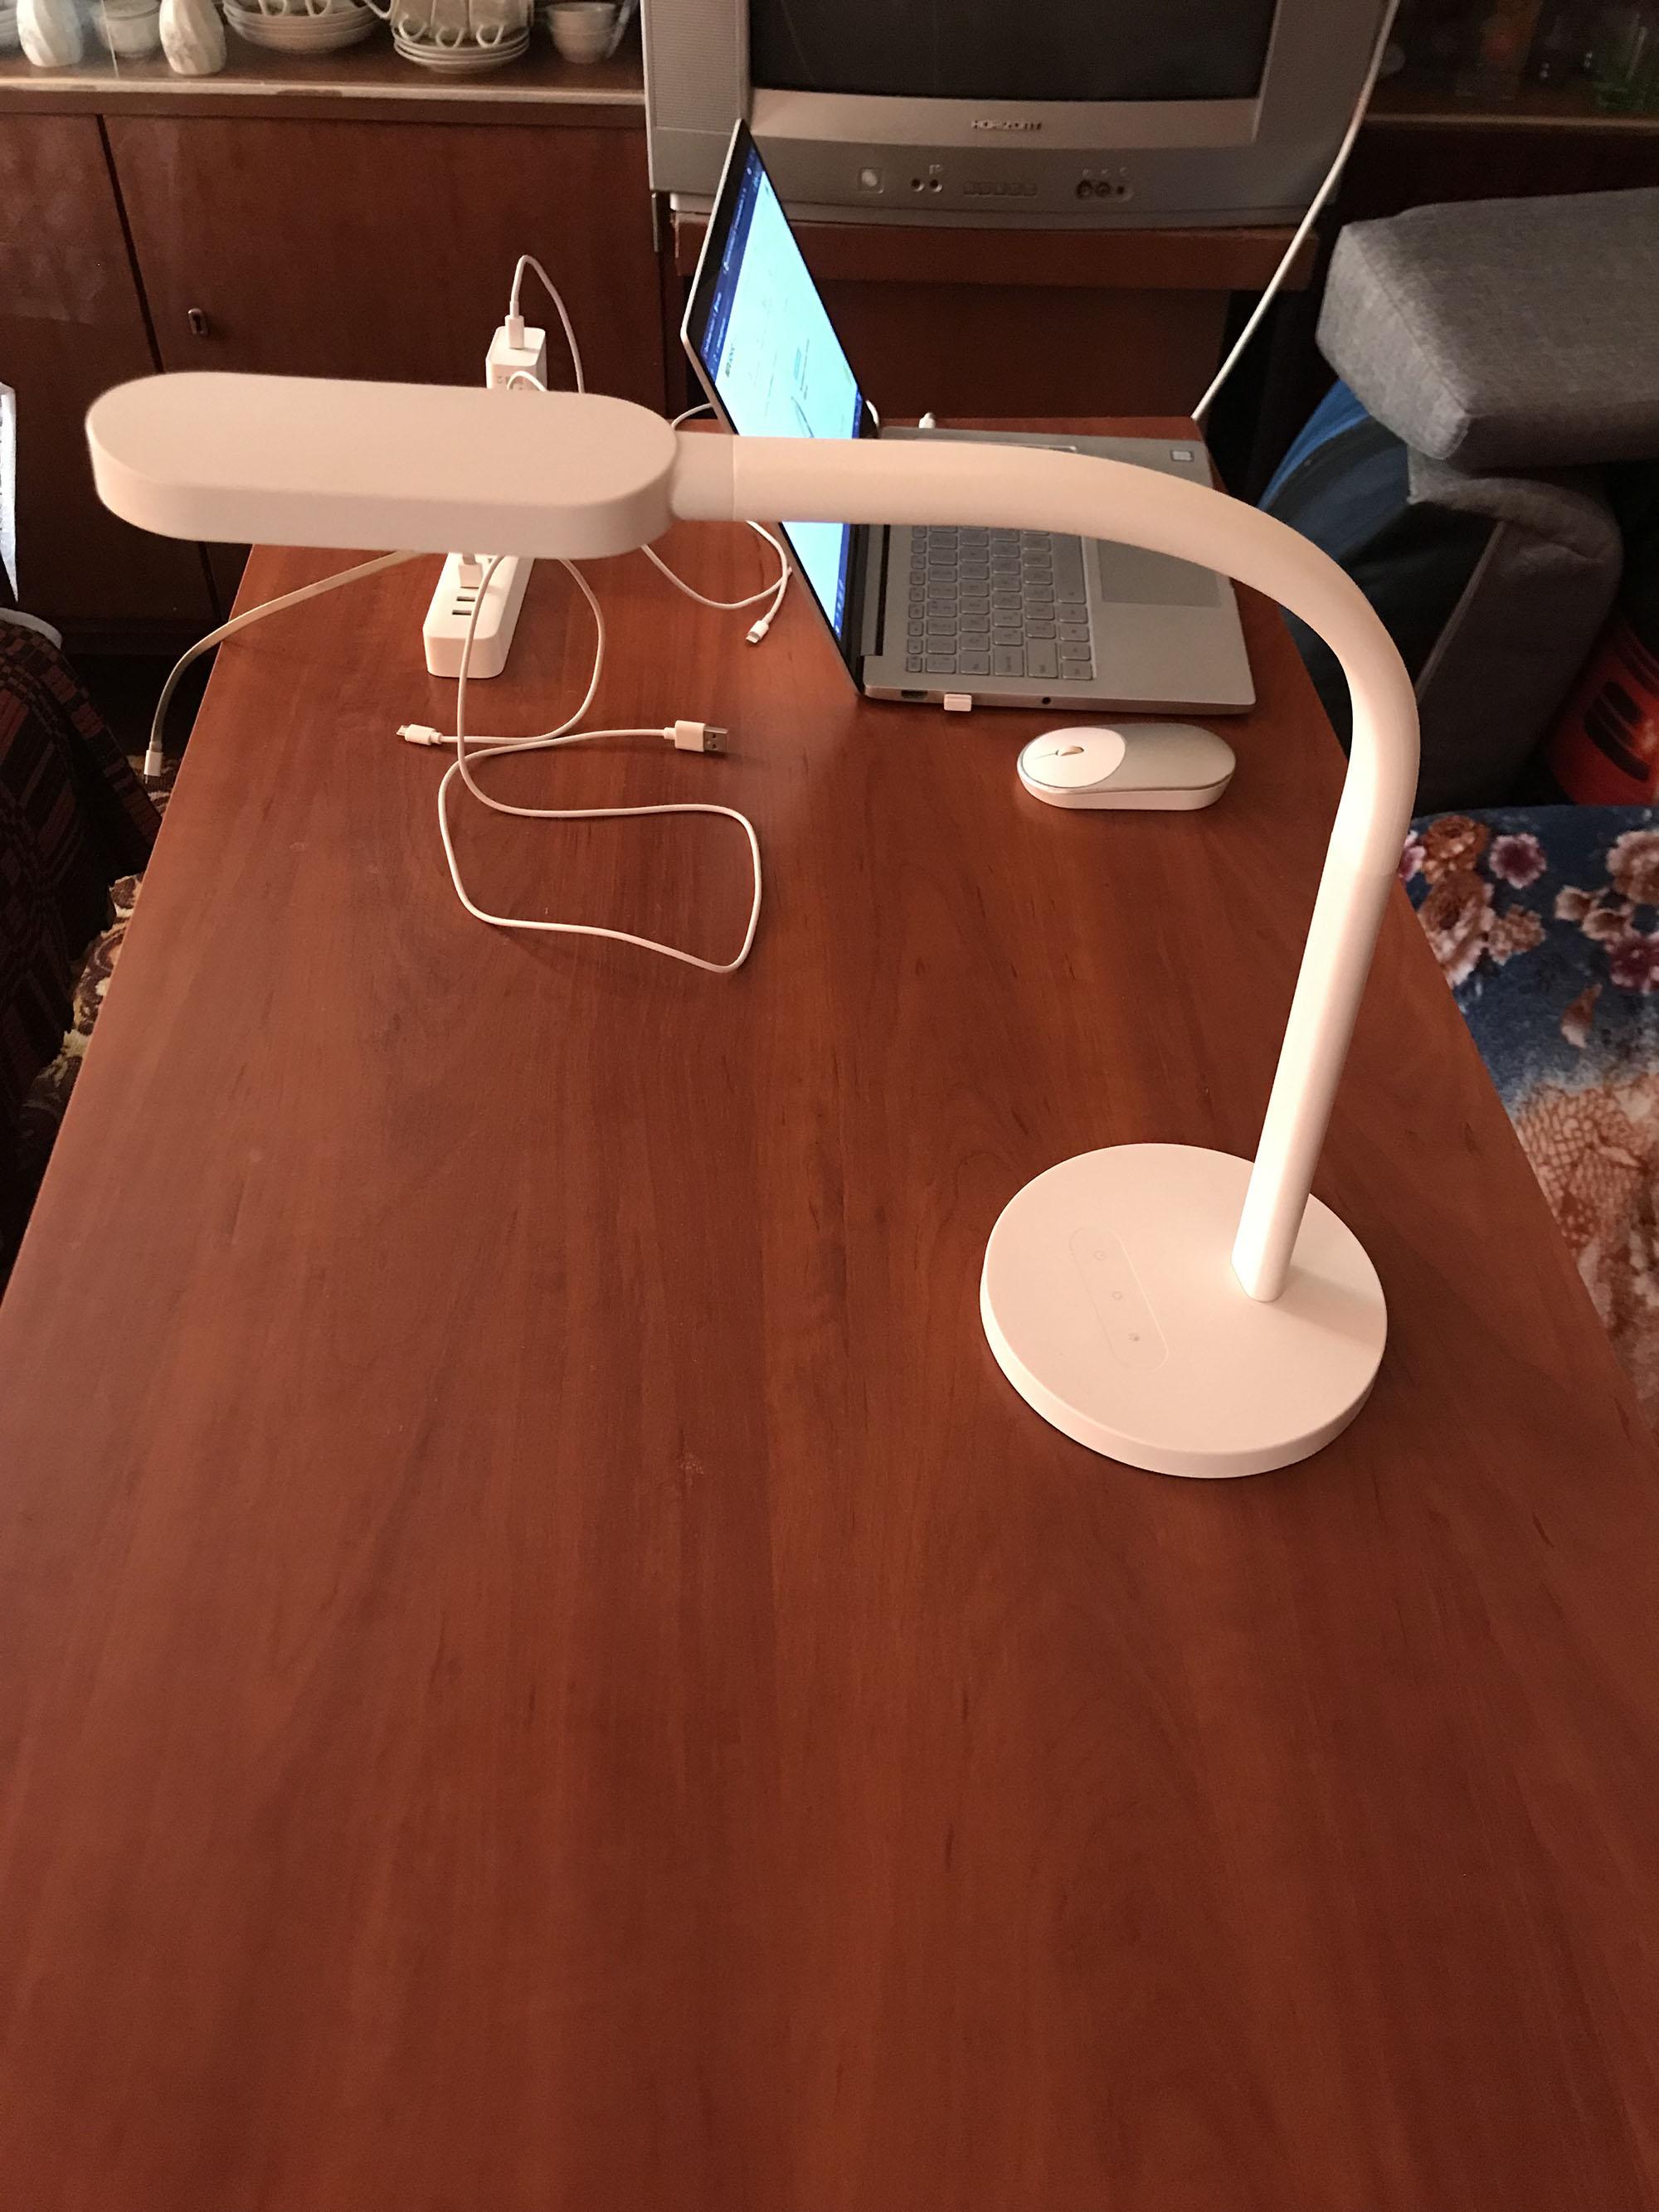 Настольная лампа Xiaomi YeeLight Desk Lamp - купить